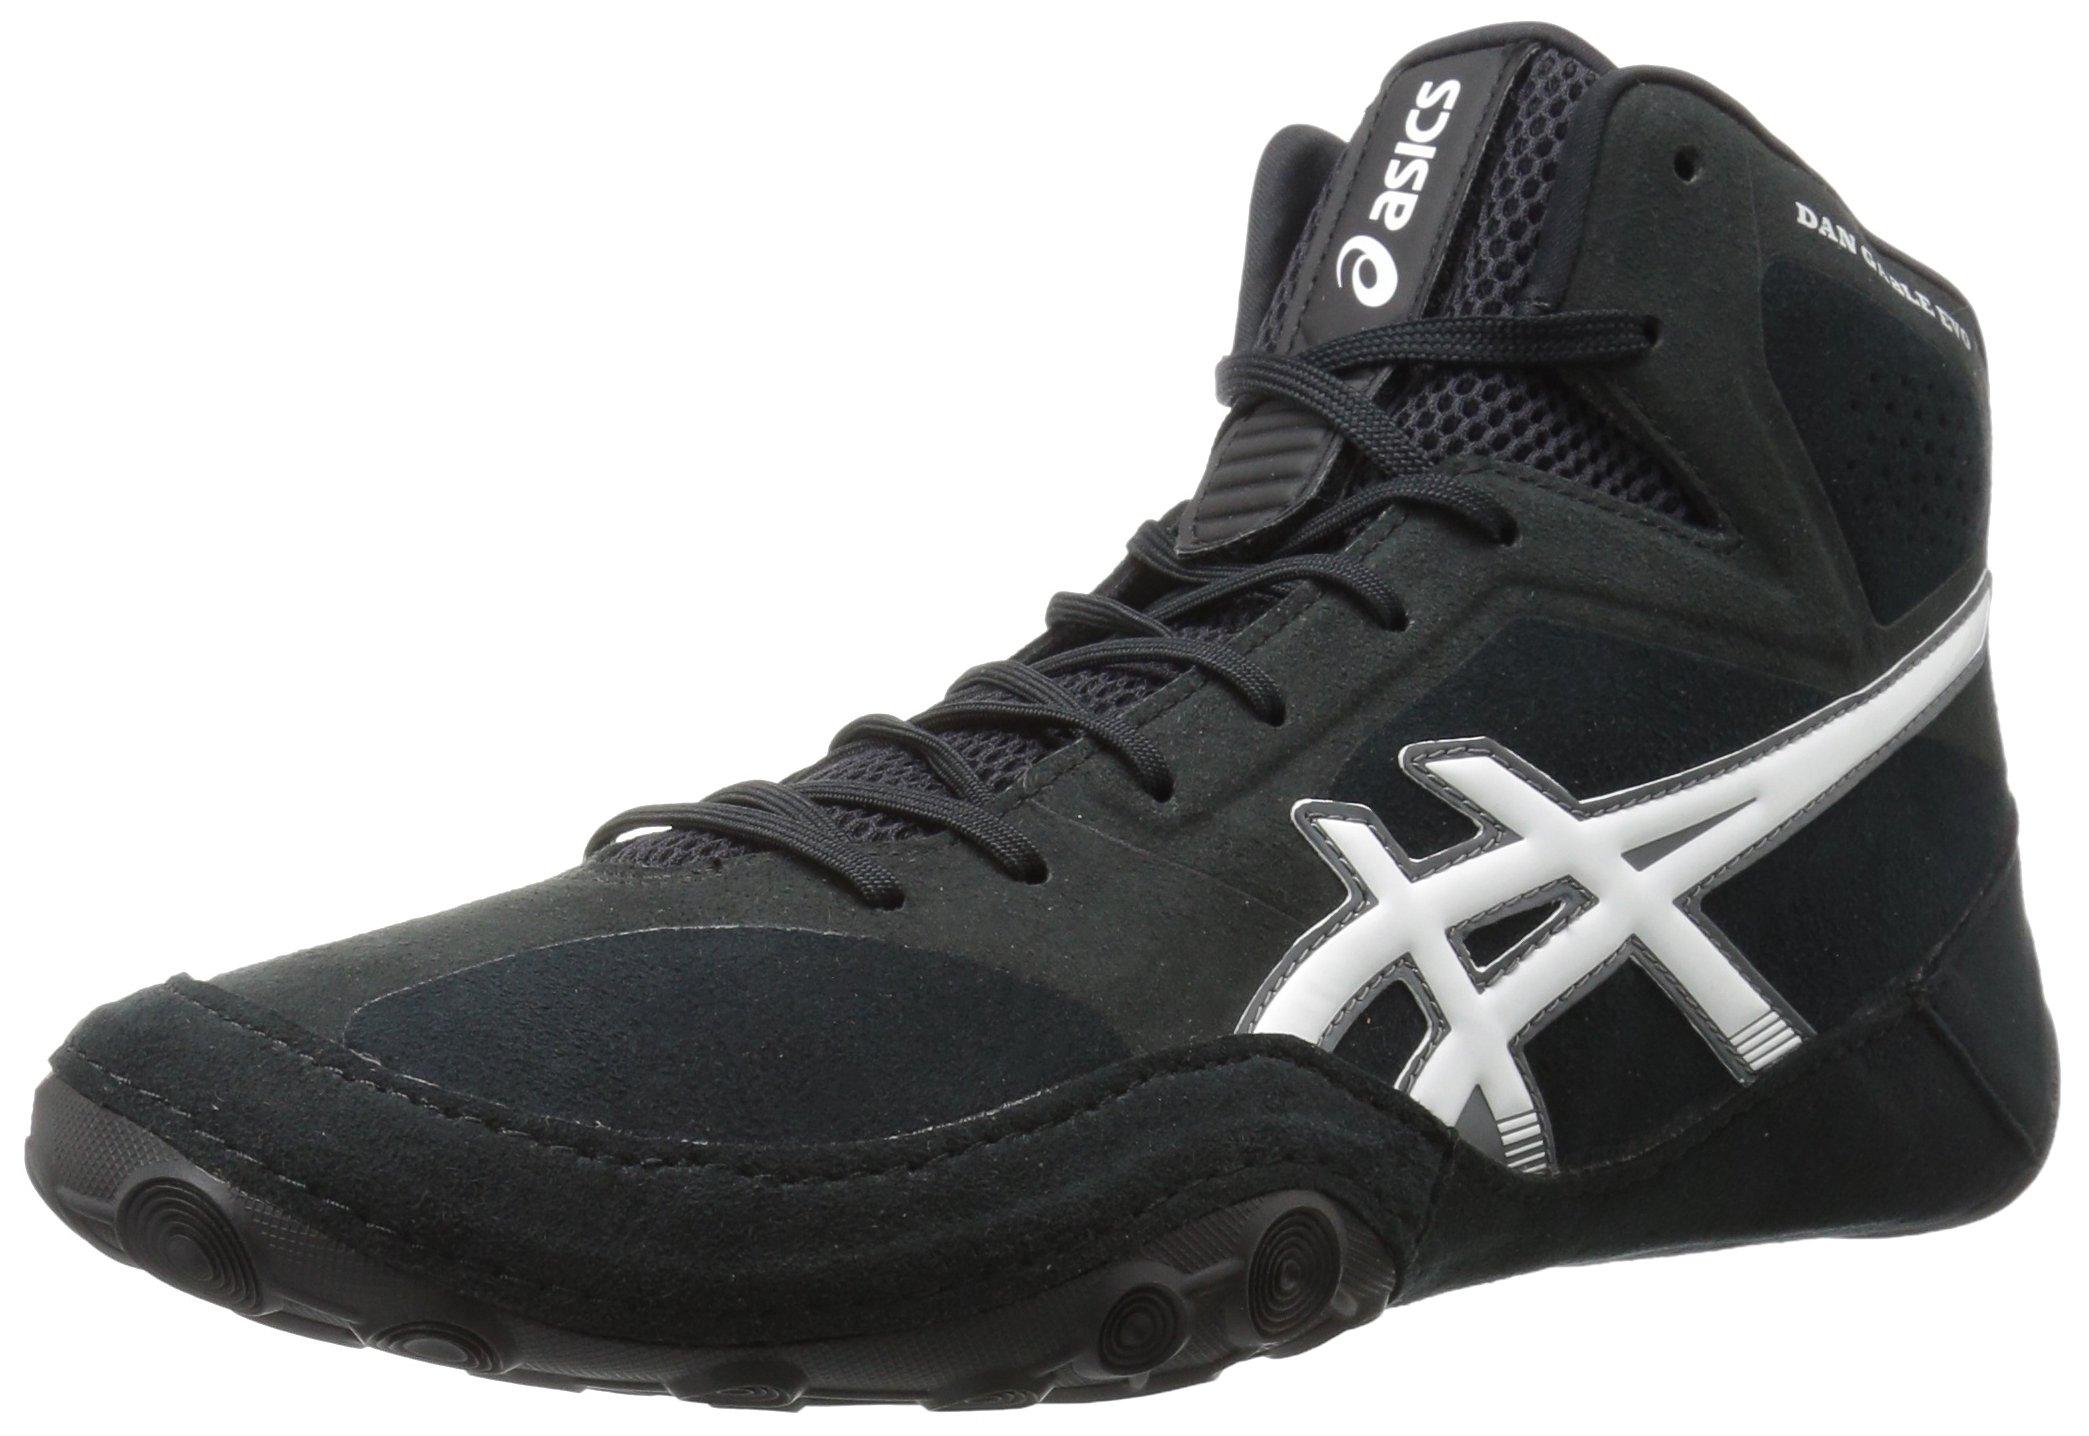 ASICS Men's Dan Gable Evo Wrestling Shoe, Black/White/Carbon, 7 Medium US